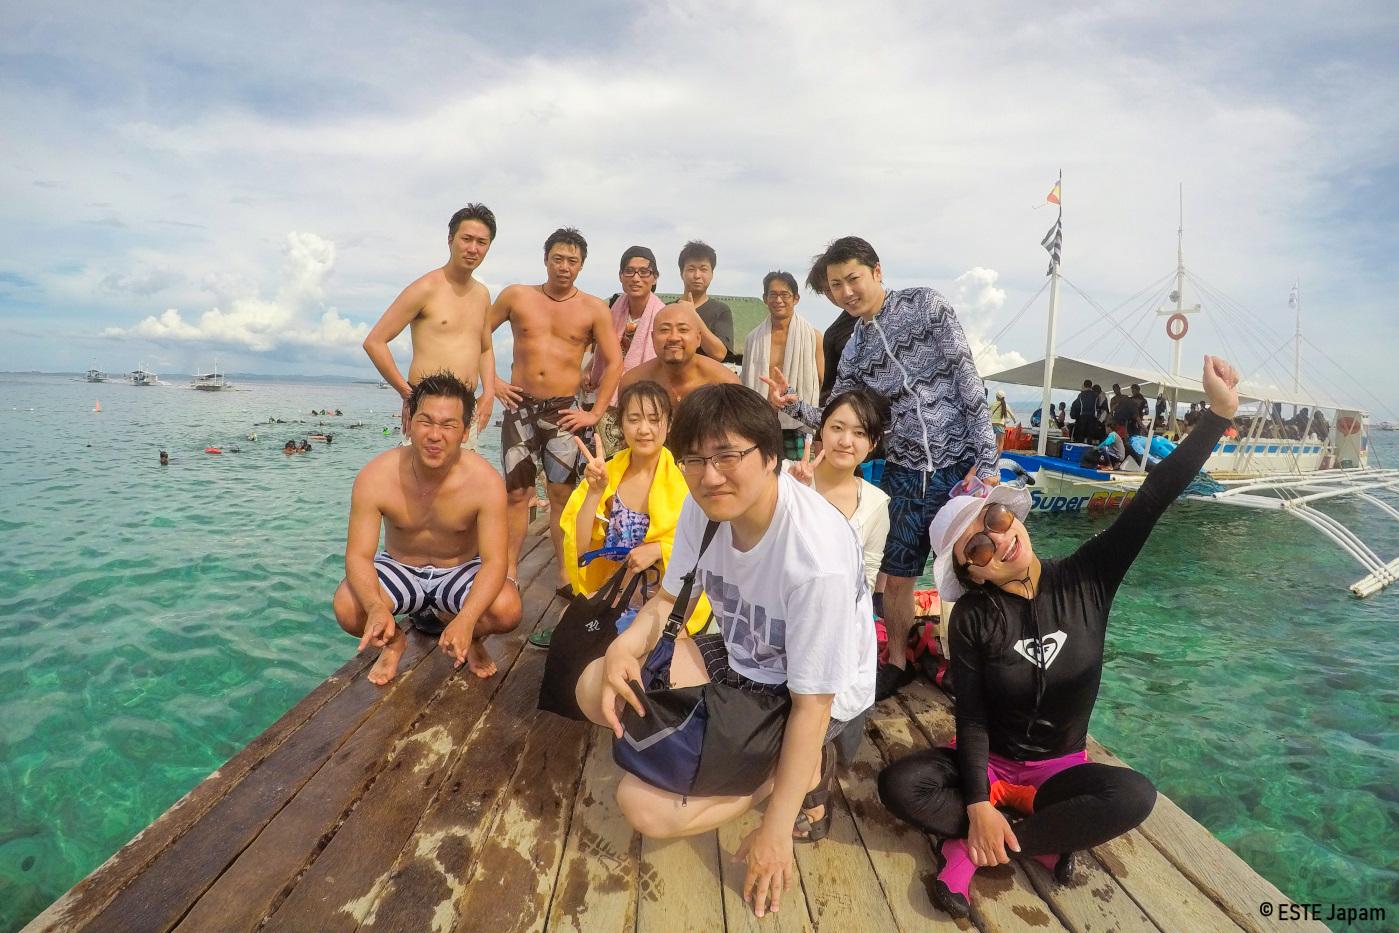 日本人ガイドを利用してアイランドホッピングに行った団体